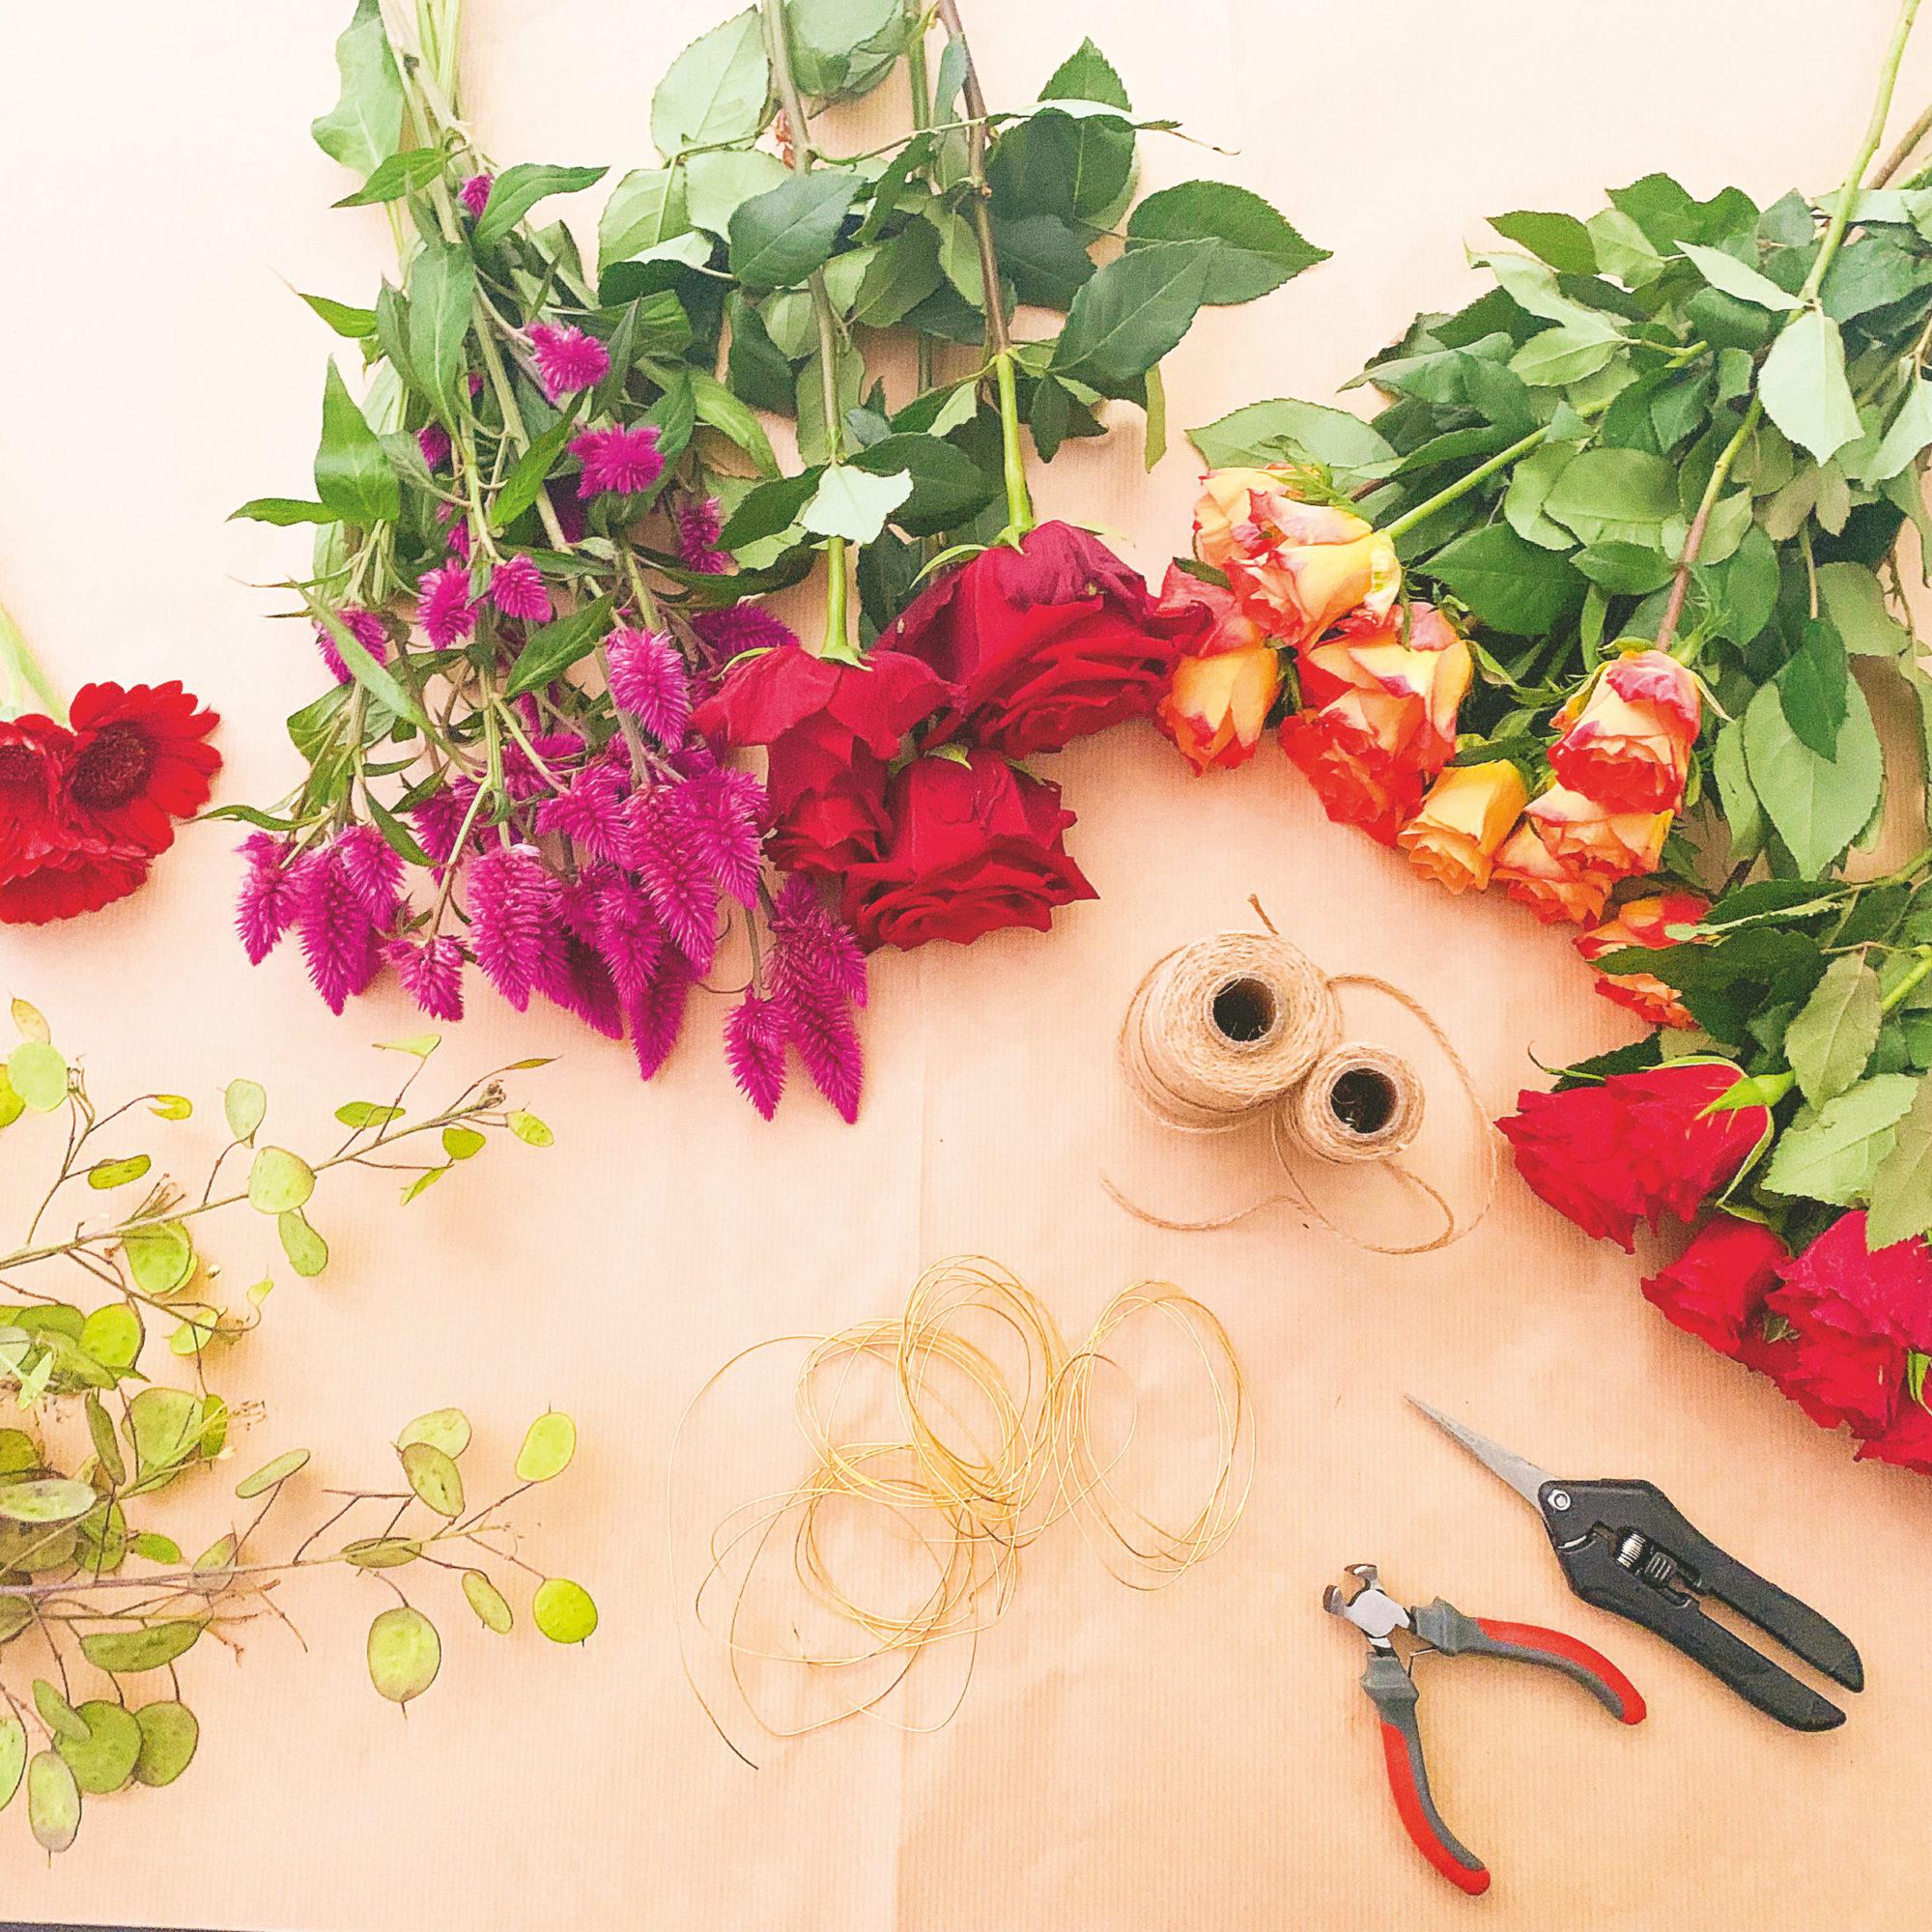 On s'envoie des fleurs